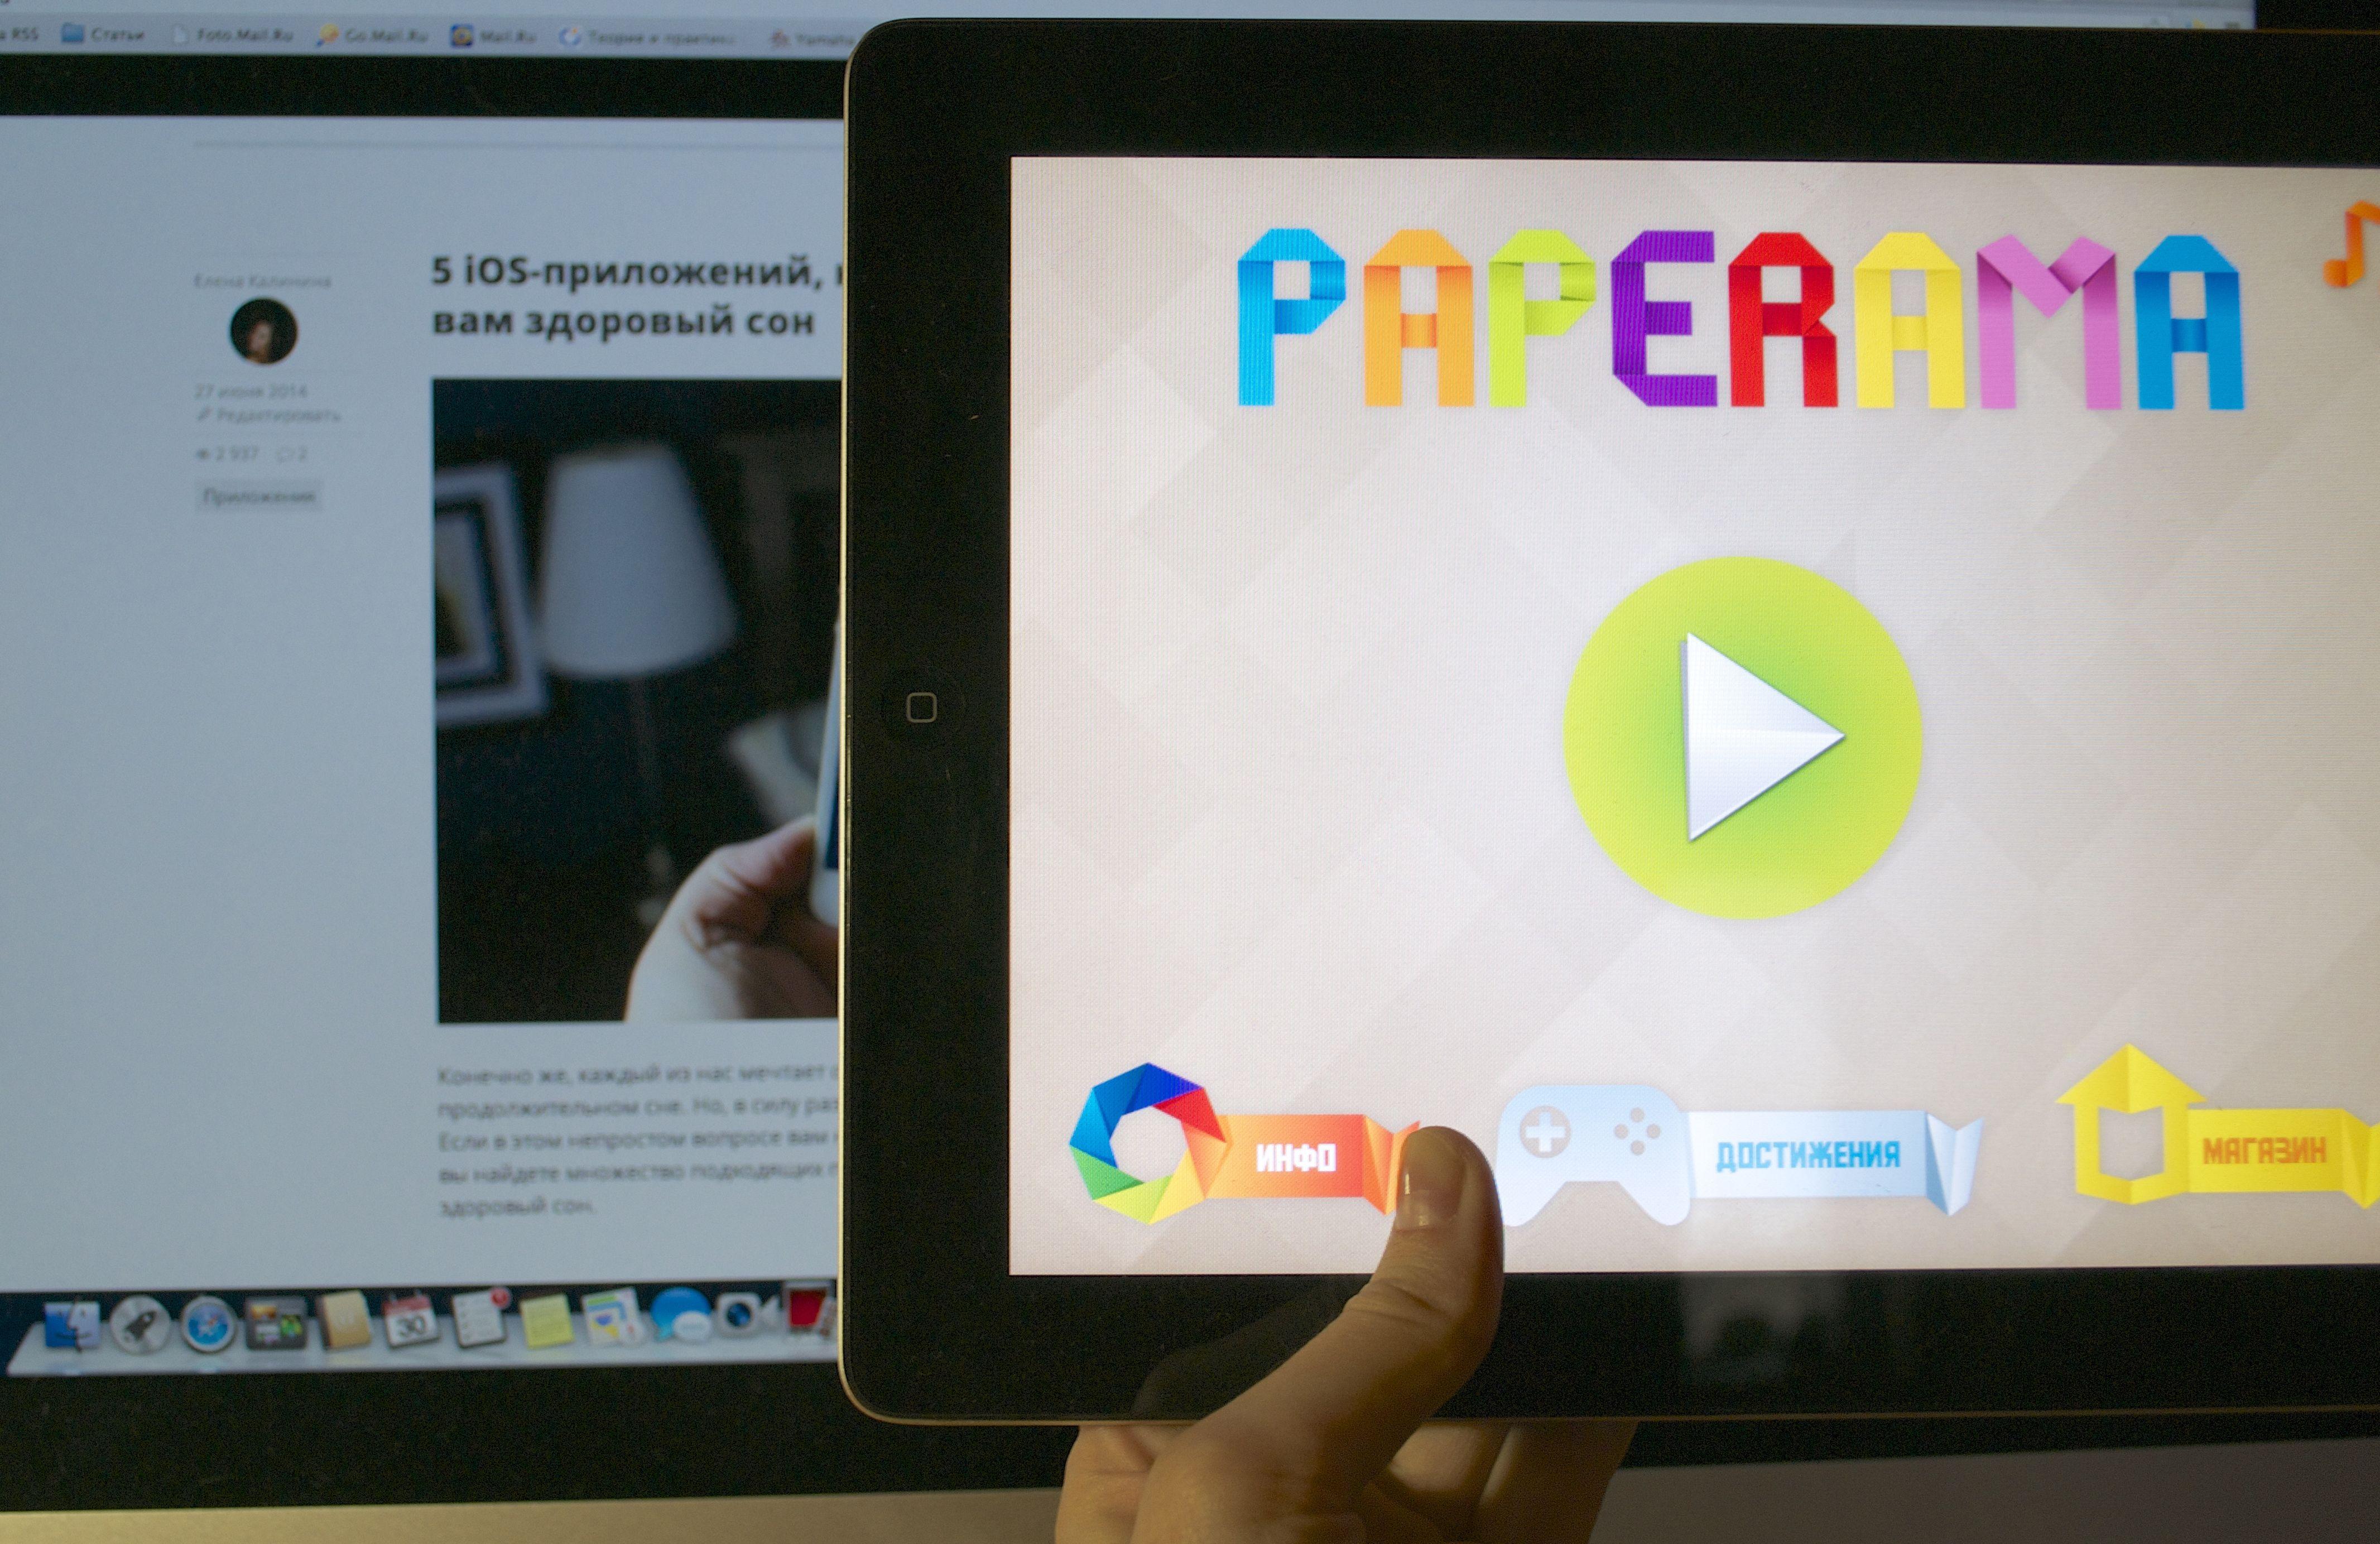 Paperama - головоломка для любителей складывать из бумаги